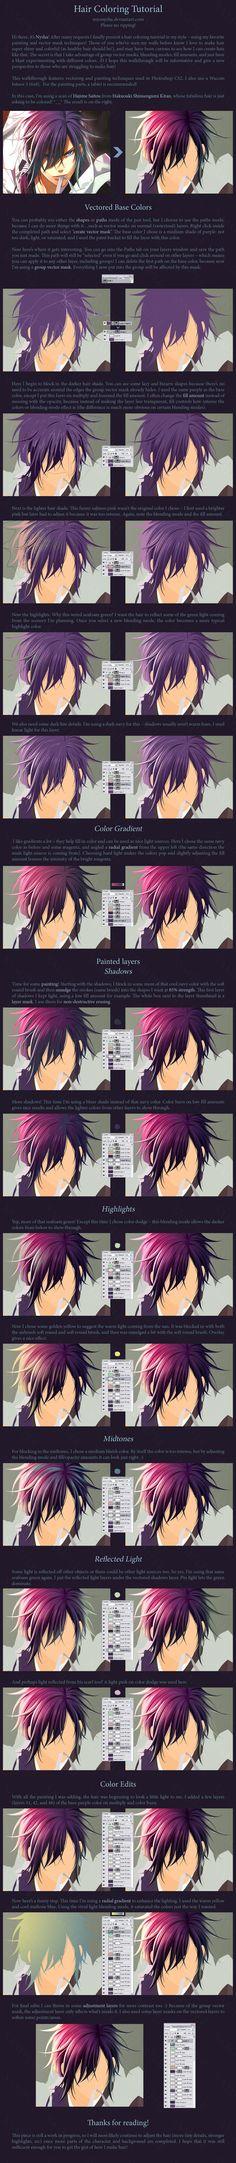 Hair Coloring Tutorial by MissNysha.deviantart.com on @deviantART